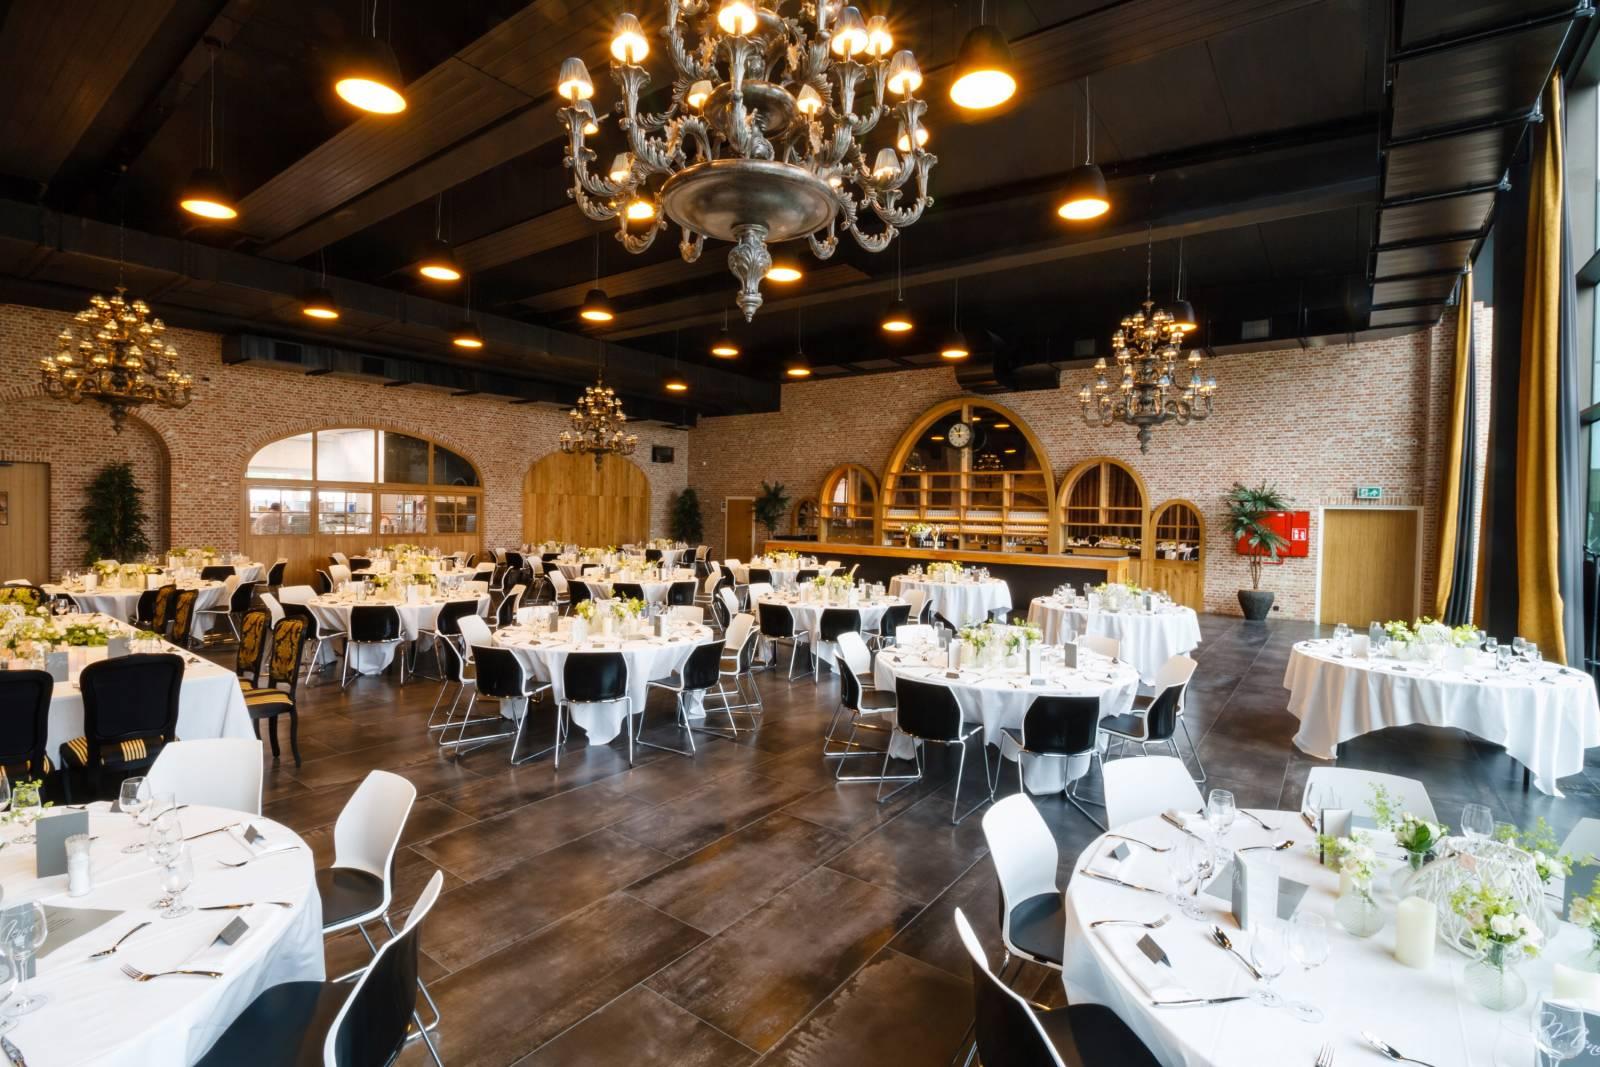 Bierkasteel House of Weddings Feestzaal West Vlaanderen grote capaciteit izegem ceremonie dansfeest exclusief huwelijk (8)